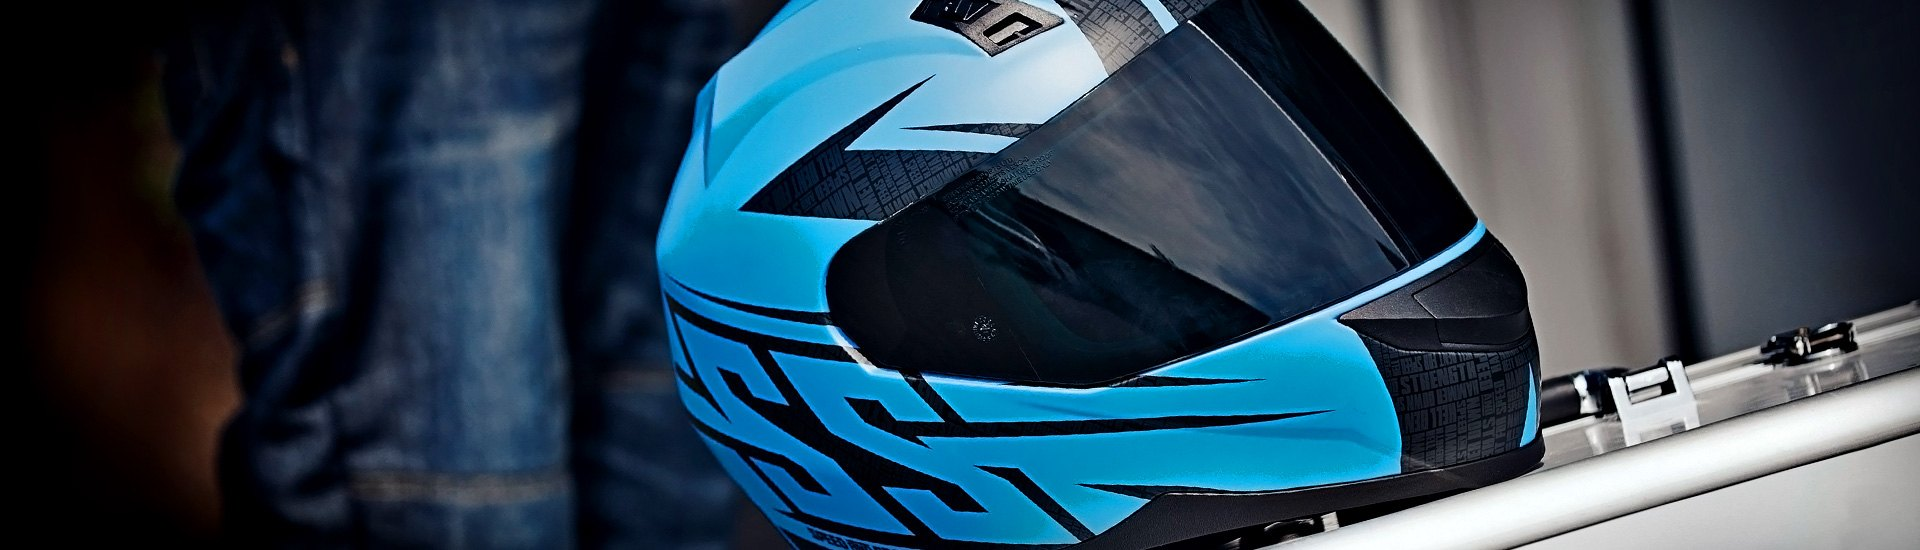 Beanie Half Novelty Harley Motorcycle Helmet Skull Cap Gloss Black Skid Lid